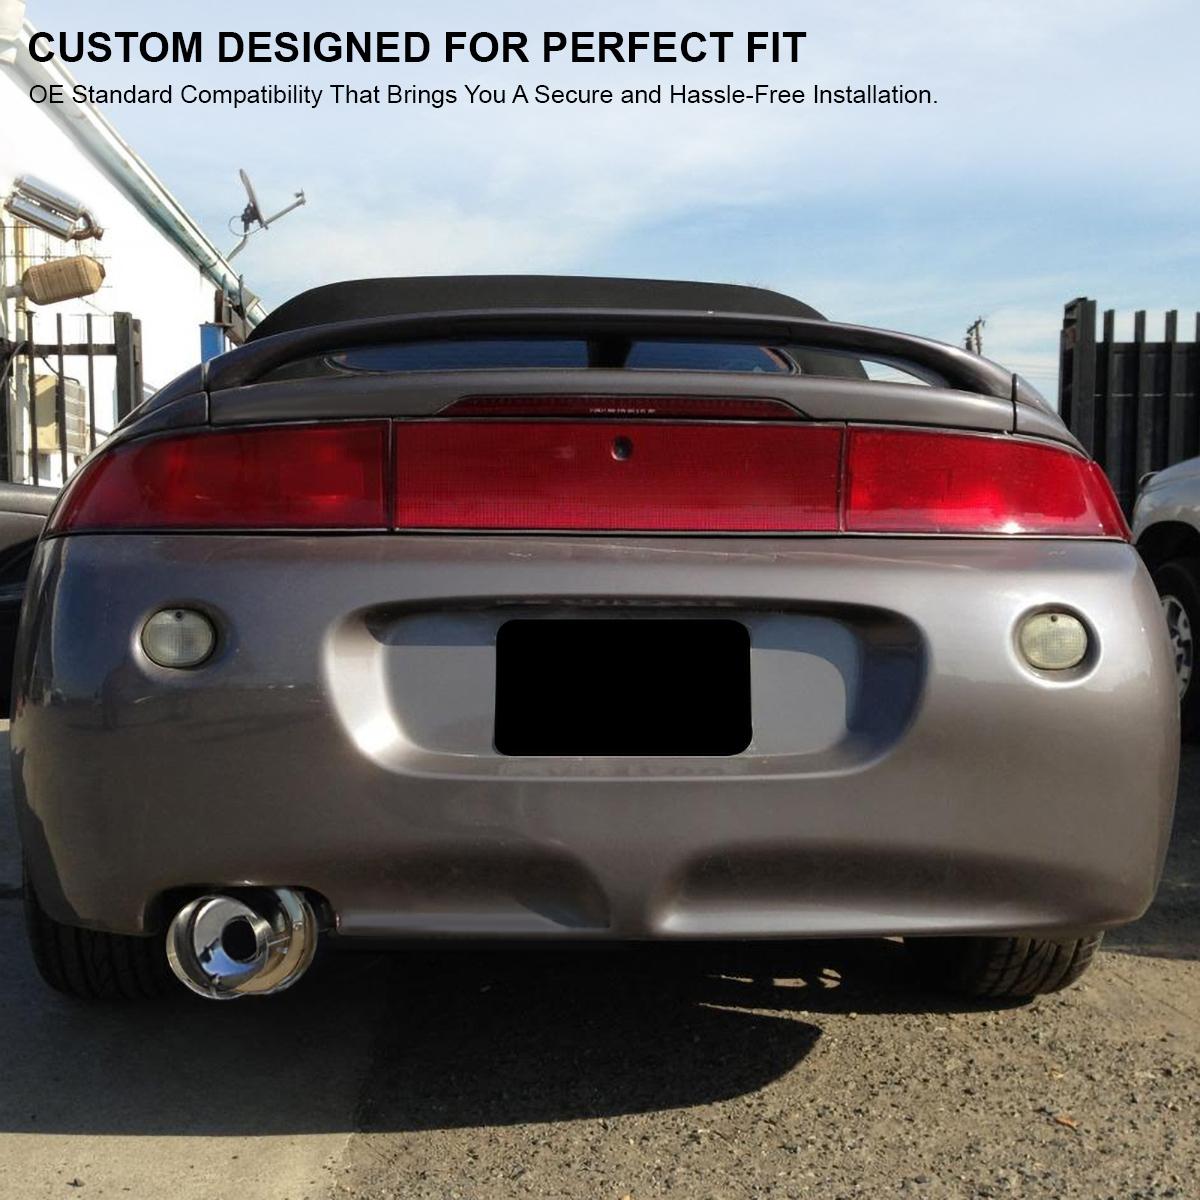 1999 Mitsubishi Eclipse Exterior: 1995-1999 Mitsubishi Eclipse RS GS 2.0L Non Turbo Catback